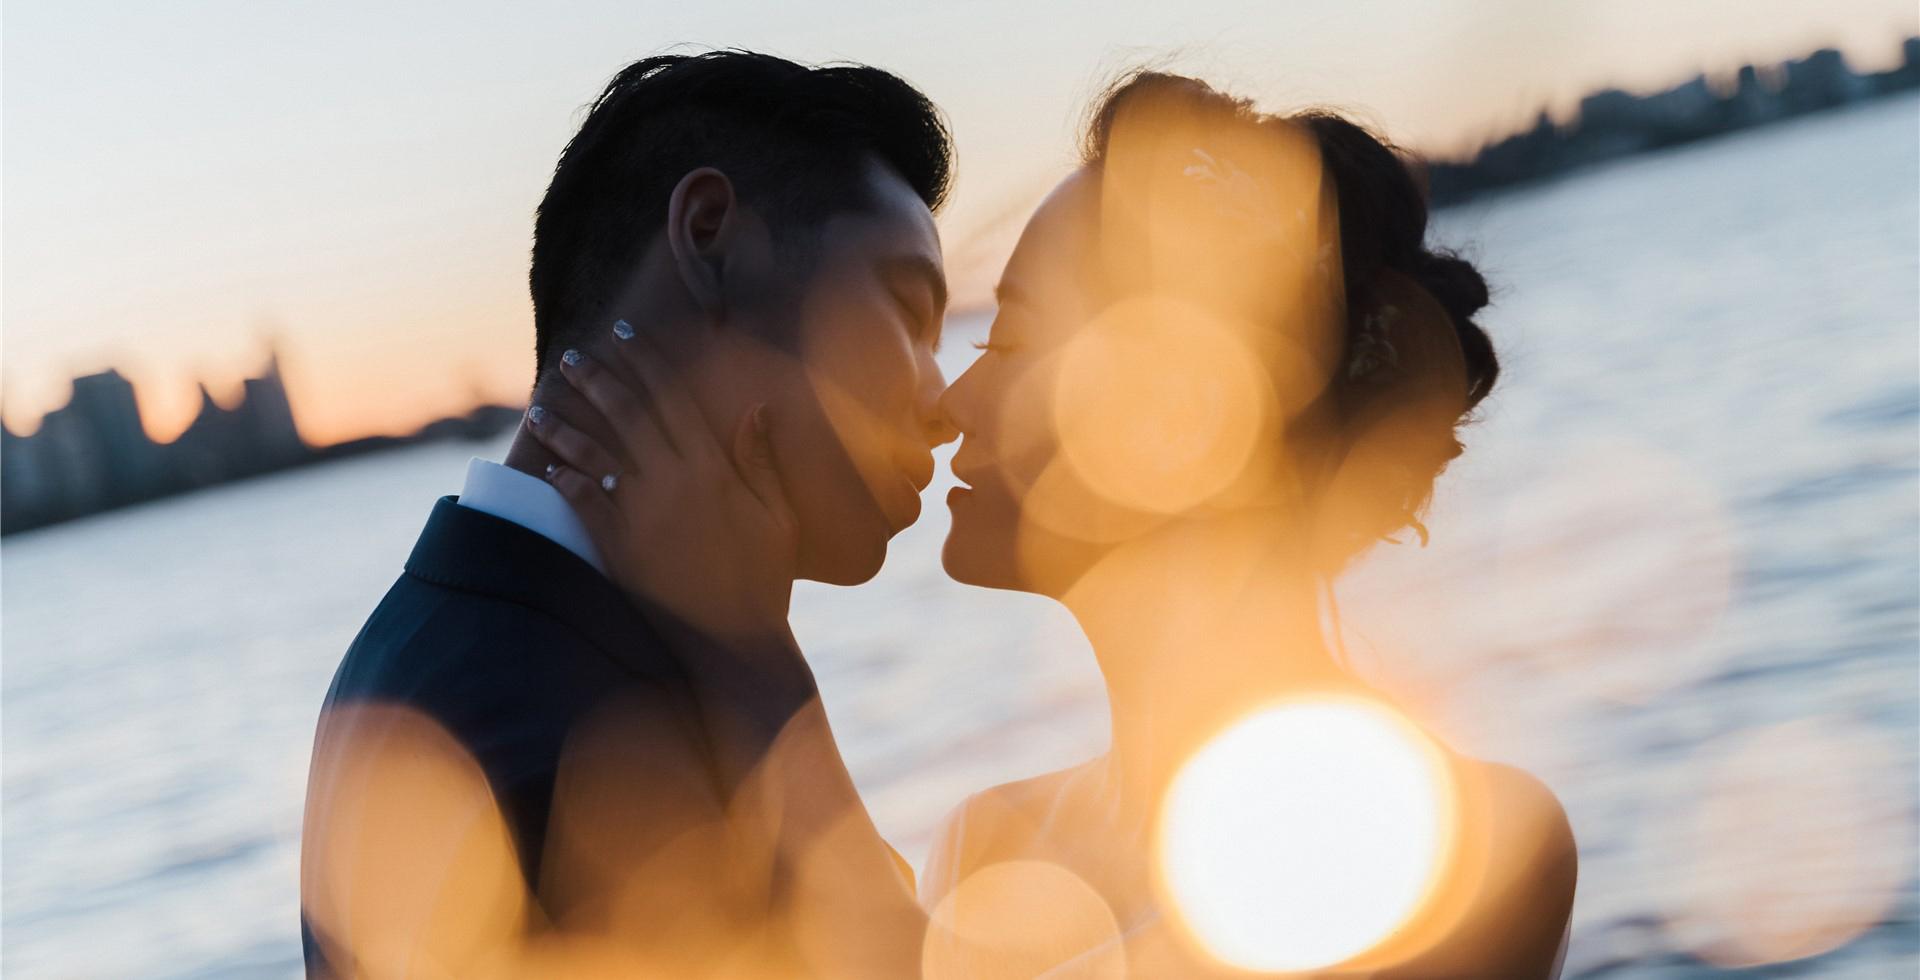 悉尼婚纱摄影,悉尼婚纱照,悉尼婚纱旅拍